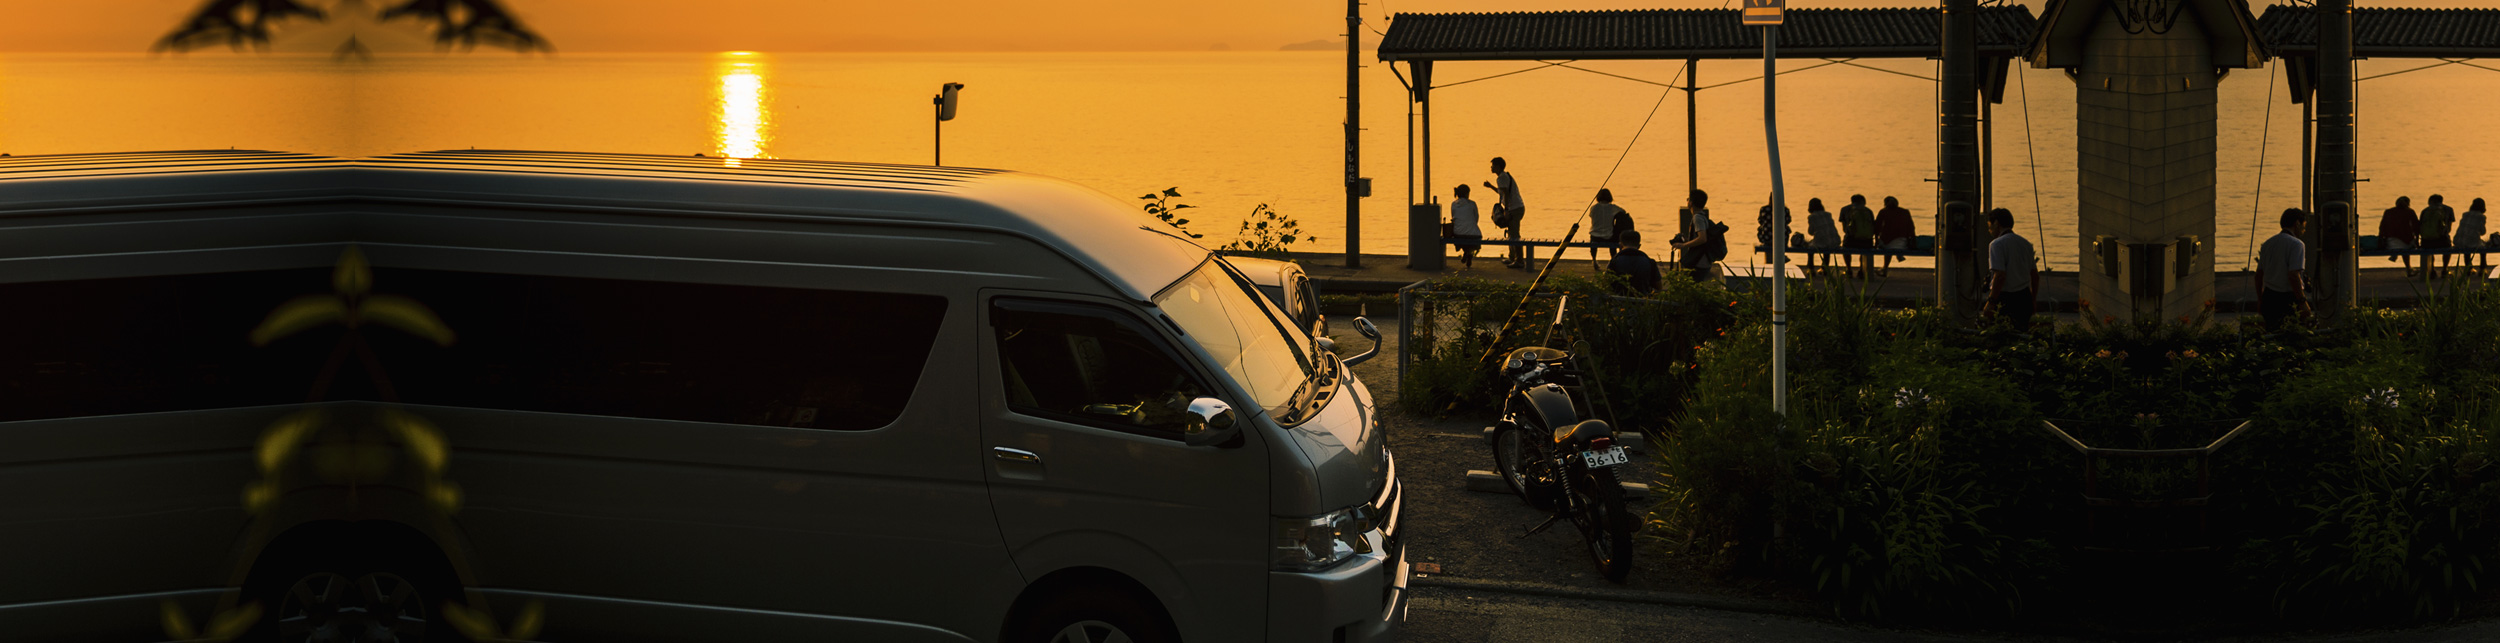 前道後タクシー観光ツアー:8